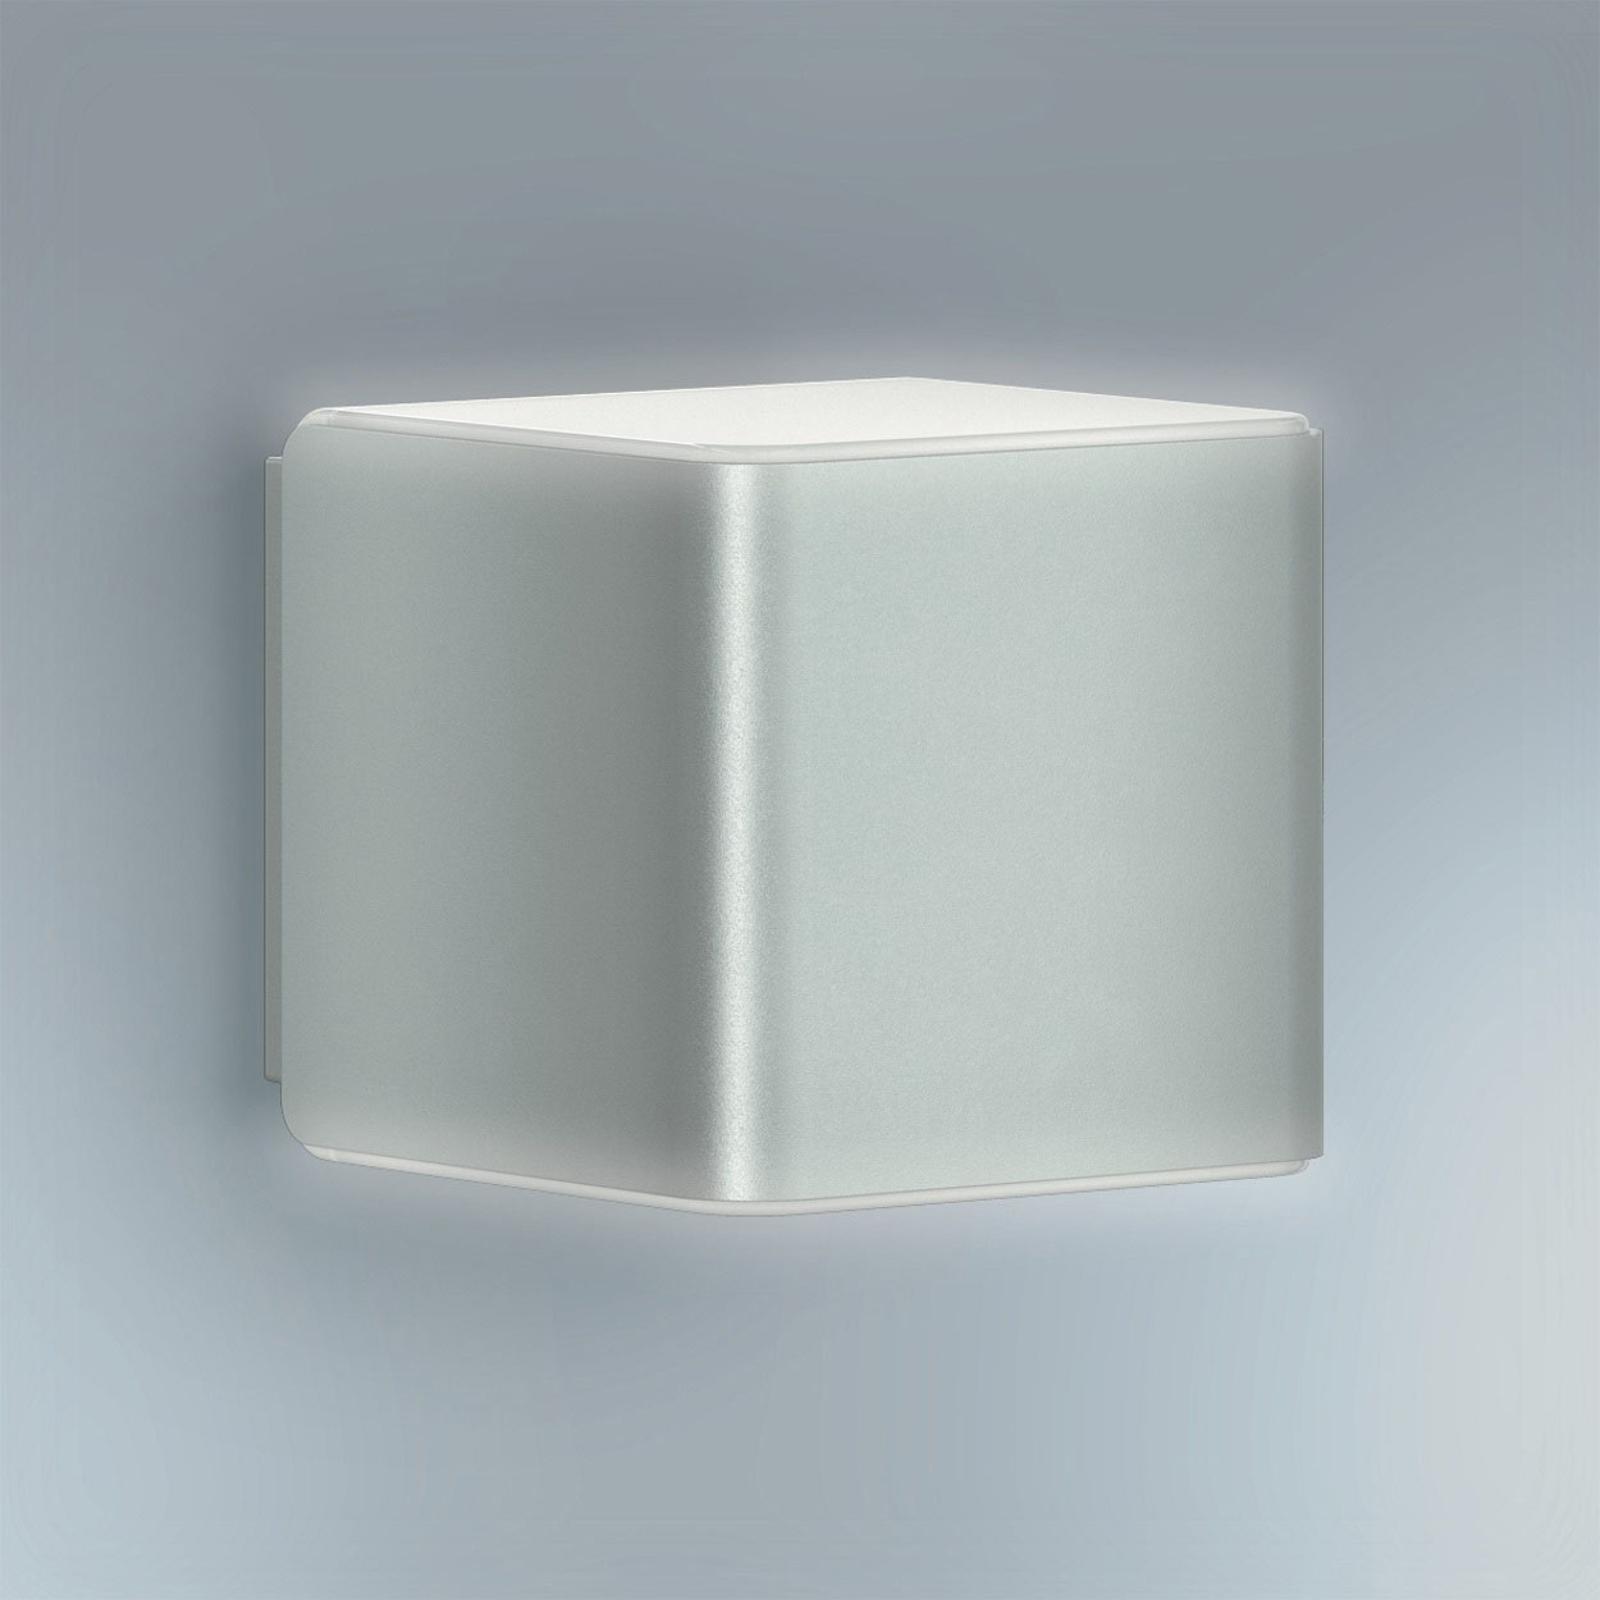 STEINEL L 840 LED iHF utendørs vegglampe, sølv